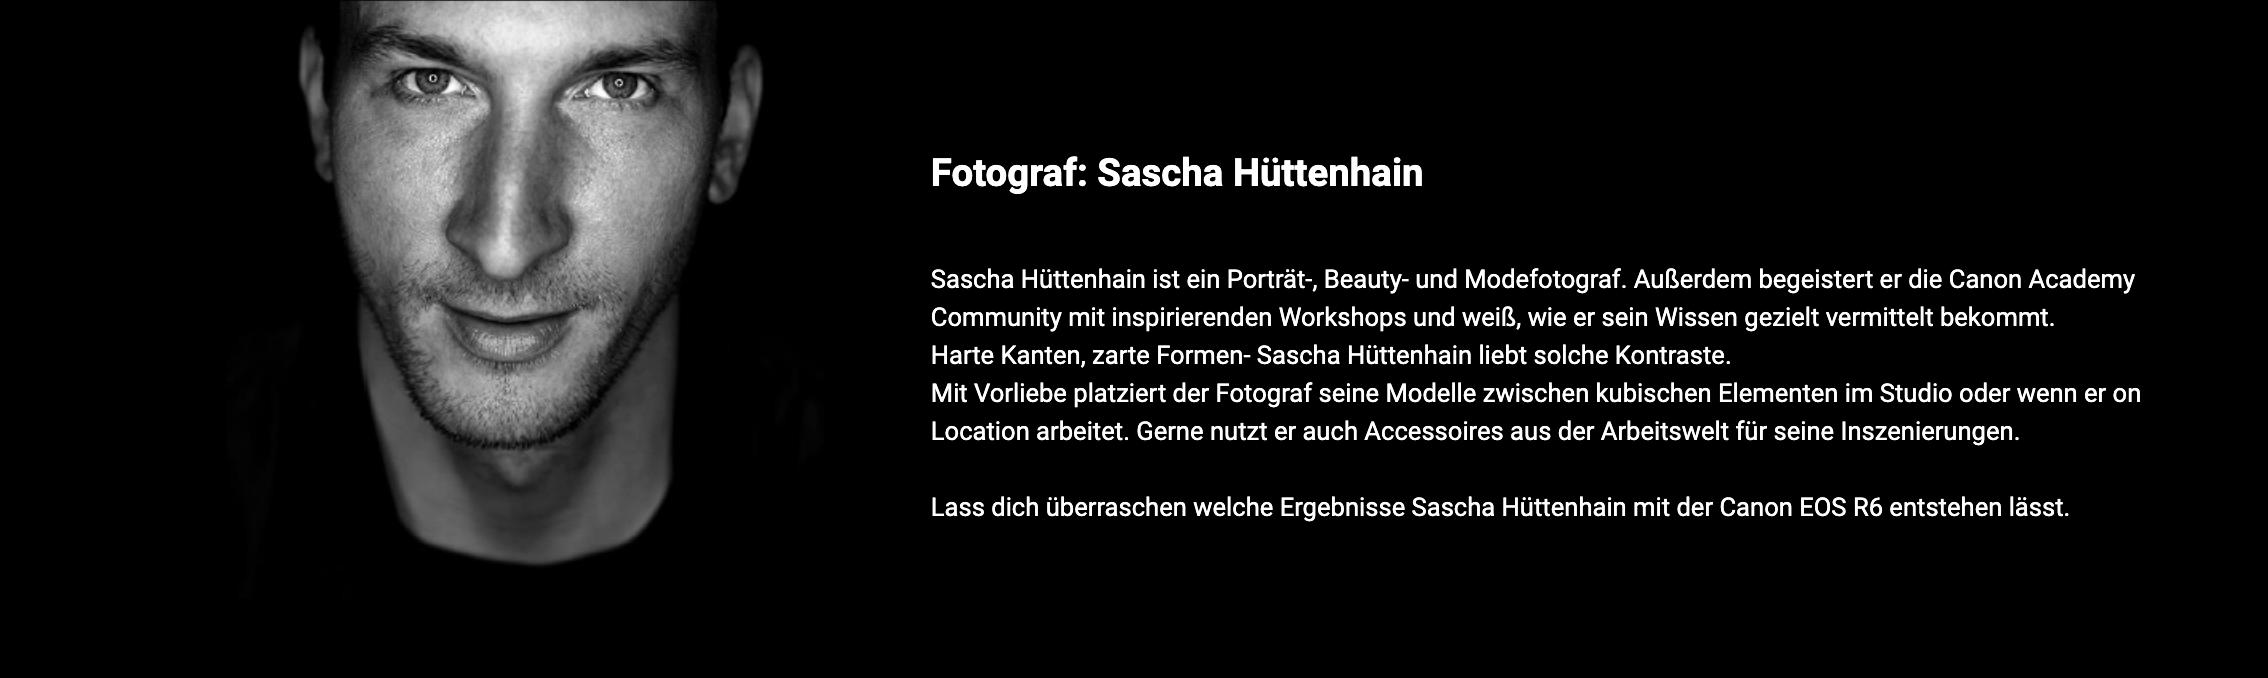 Bildschirmfoto 2020-09-09 um 11.54.38